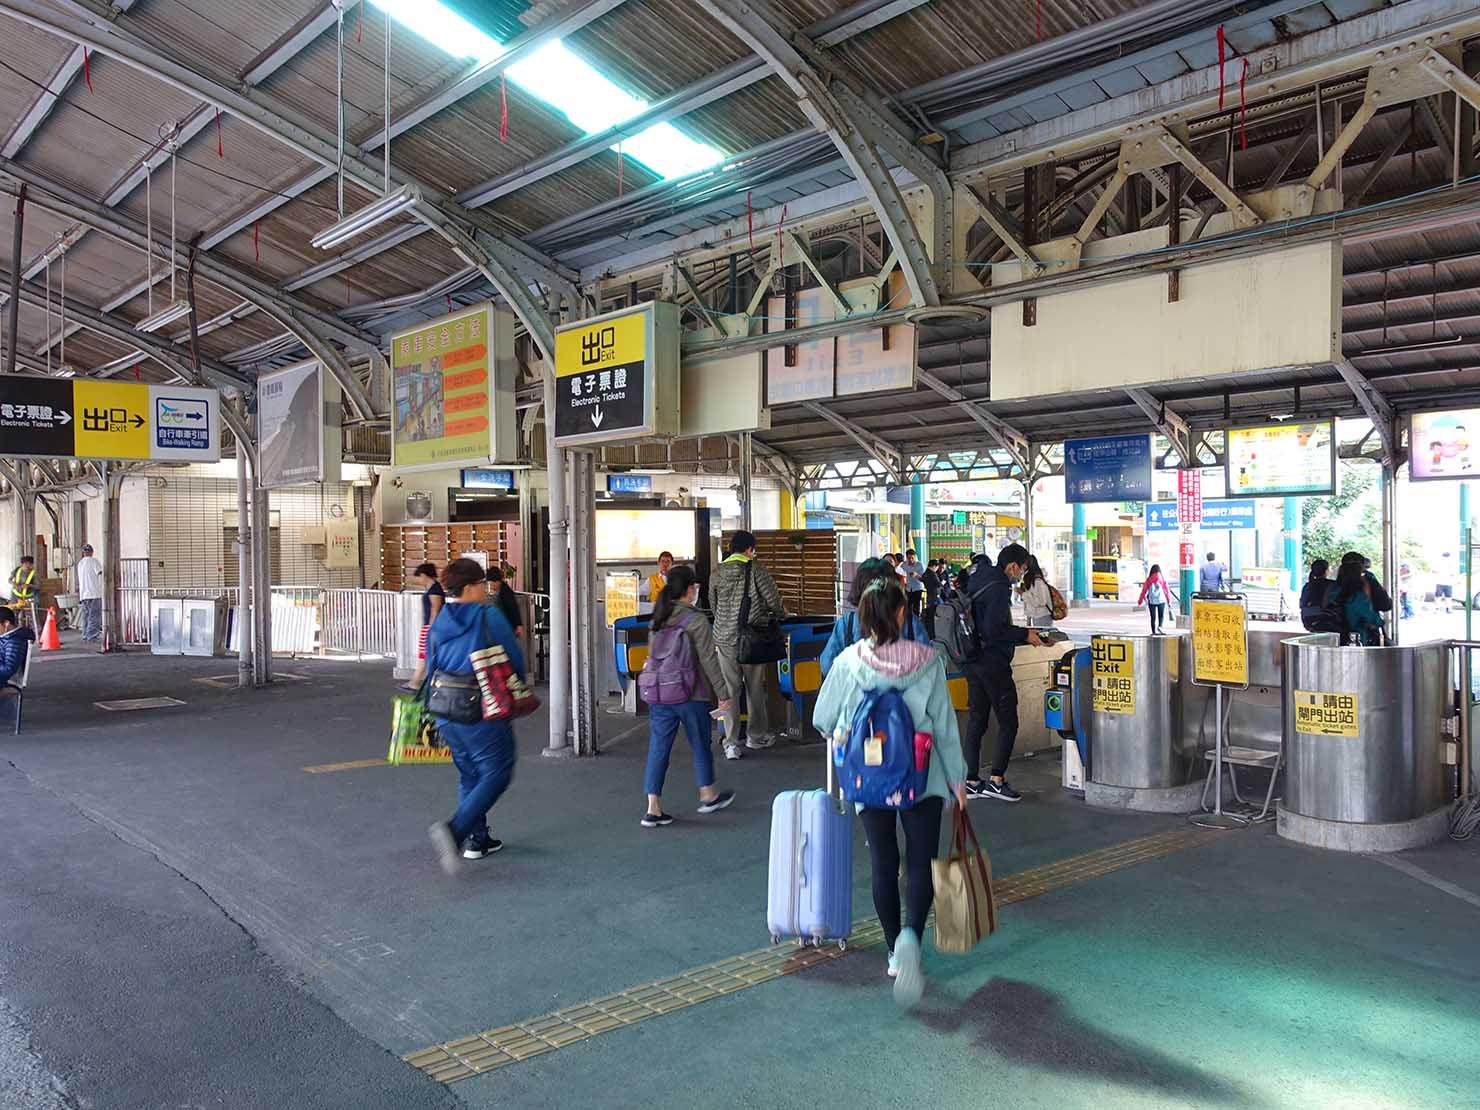 台鐵(台湾鉄道)台南駅の改札